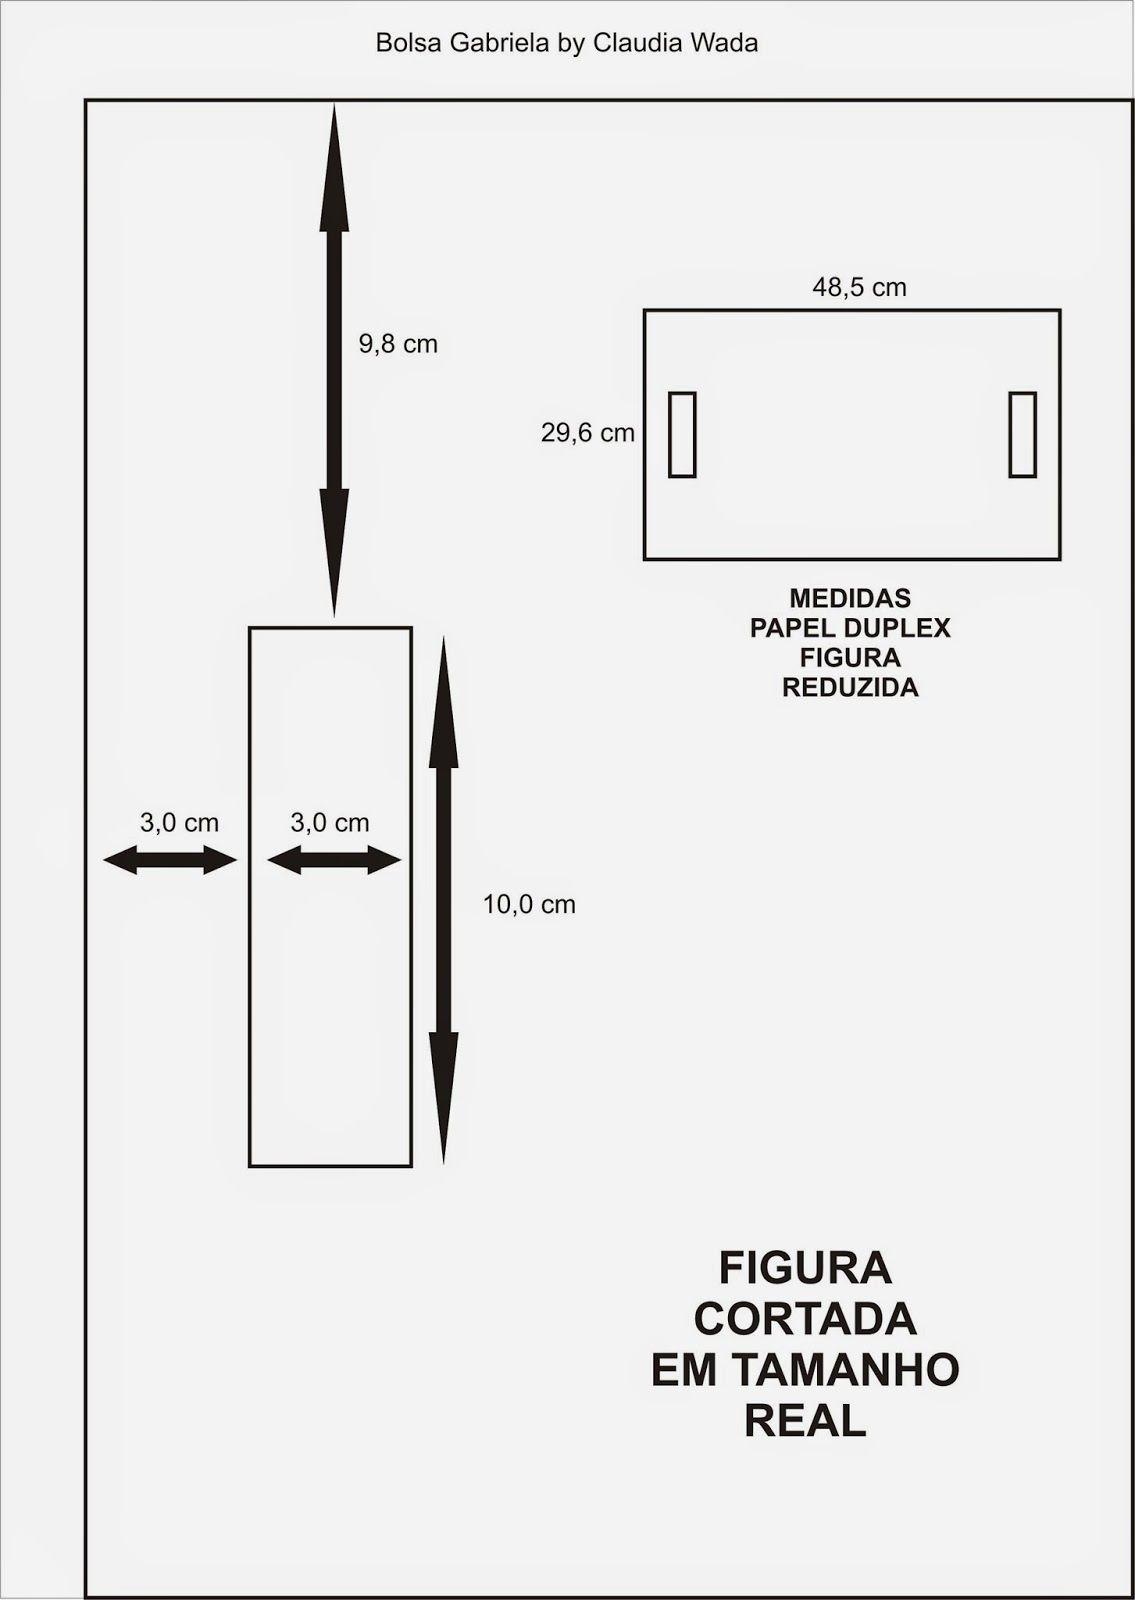 d37588d95 Gata Bacana: Passo a Passo Bolsa em Cartonagem | Cantalar | Art ...